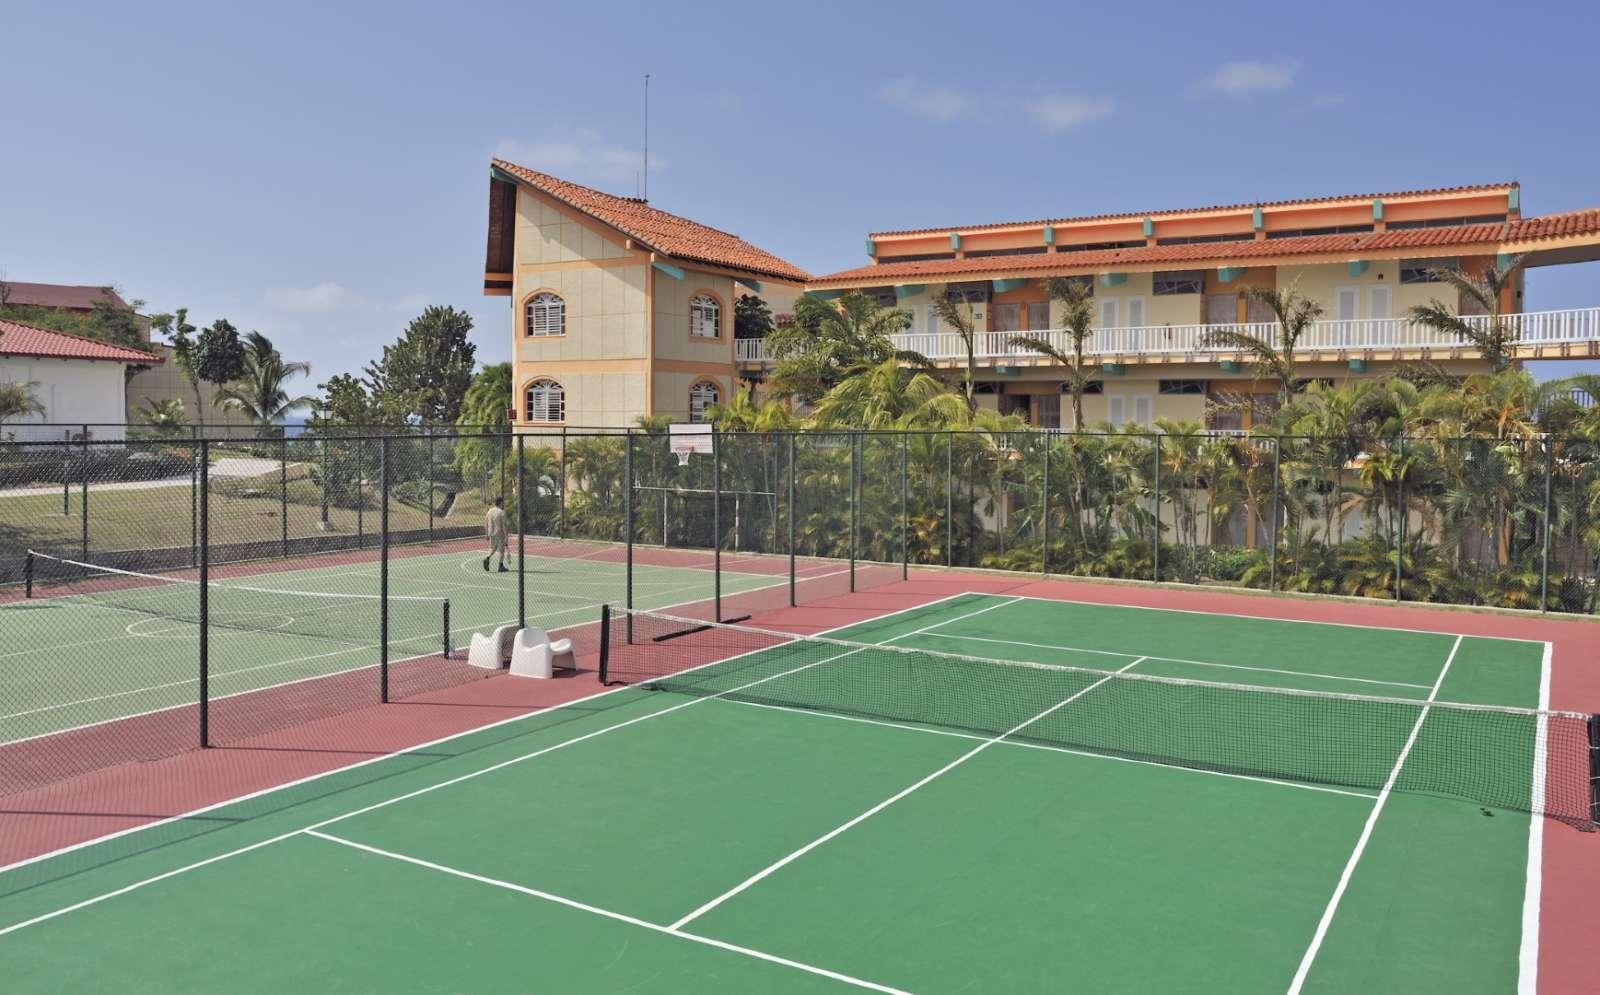 Tennis courts at Sol Rio De Luna Y Mares